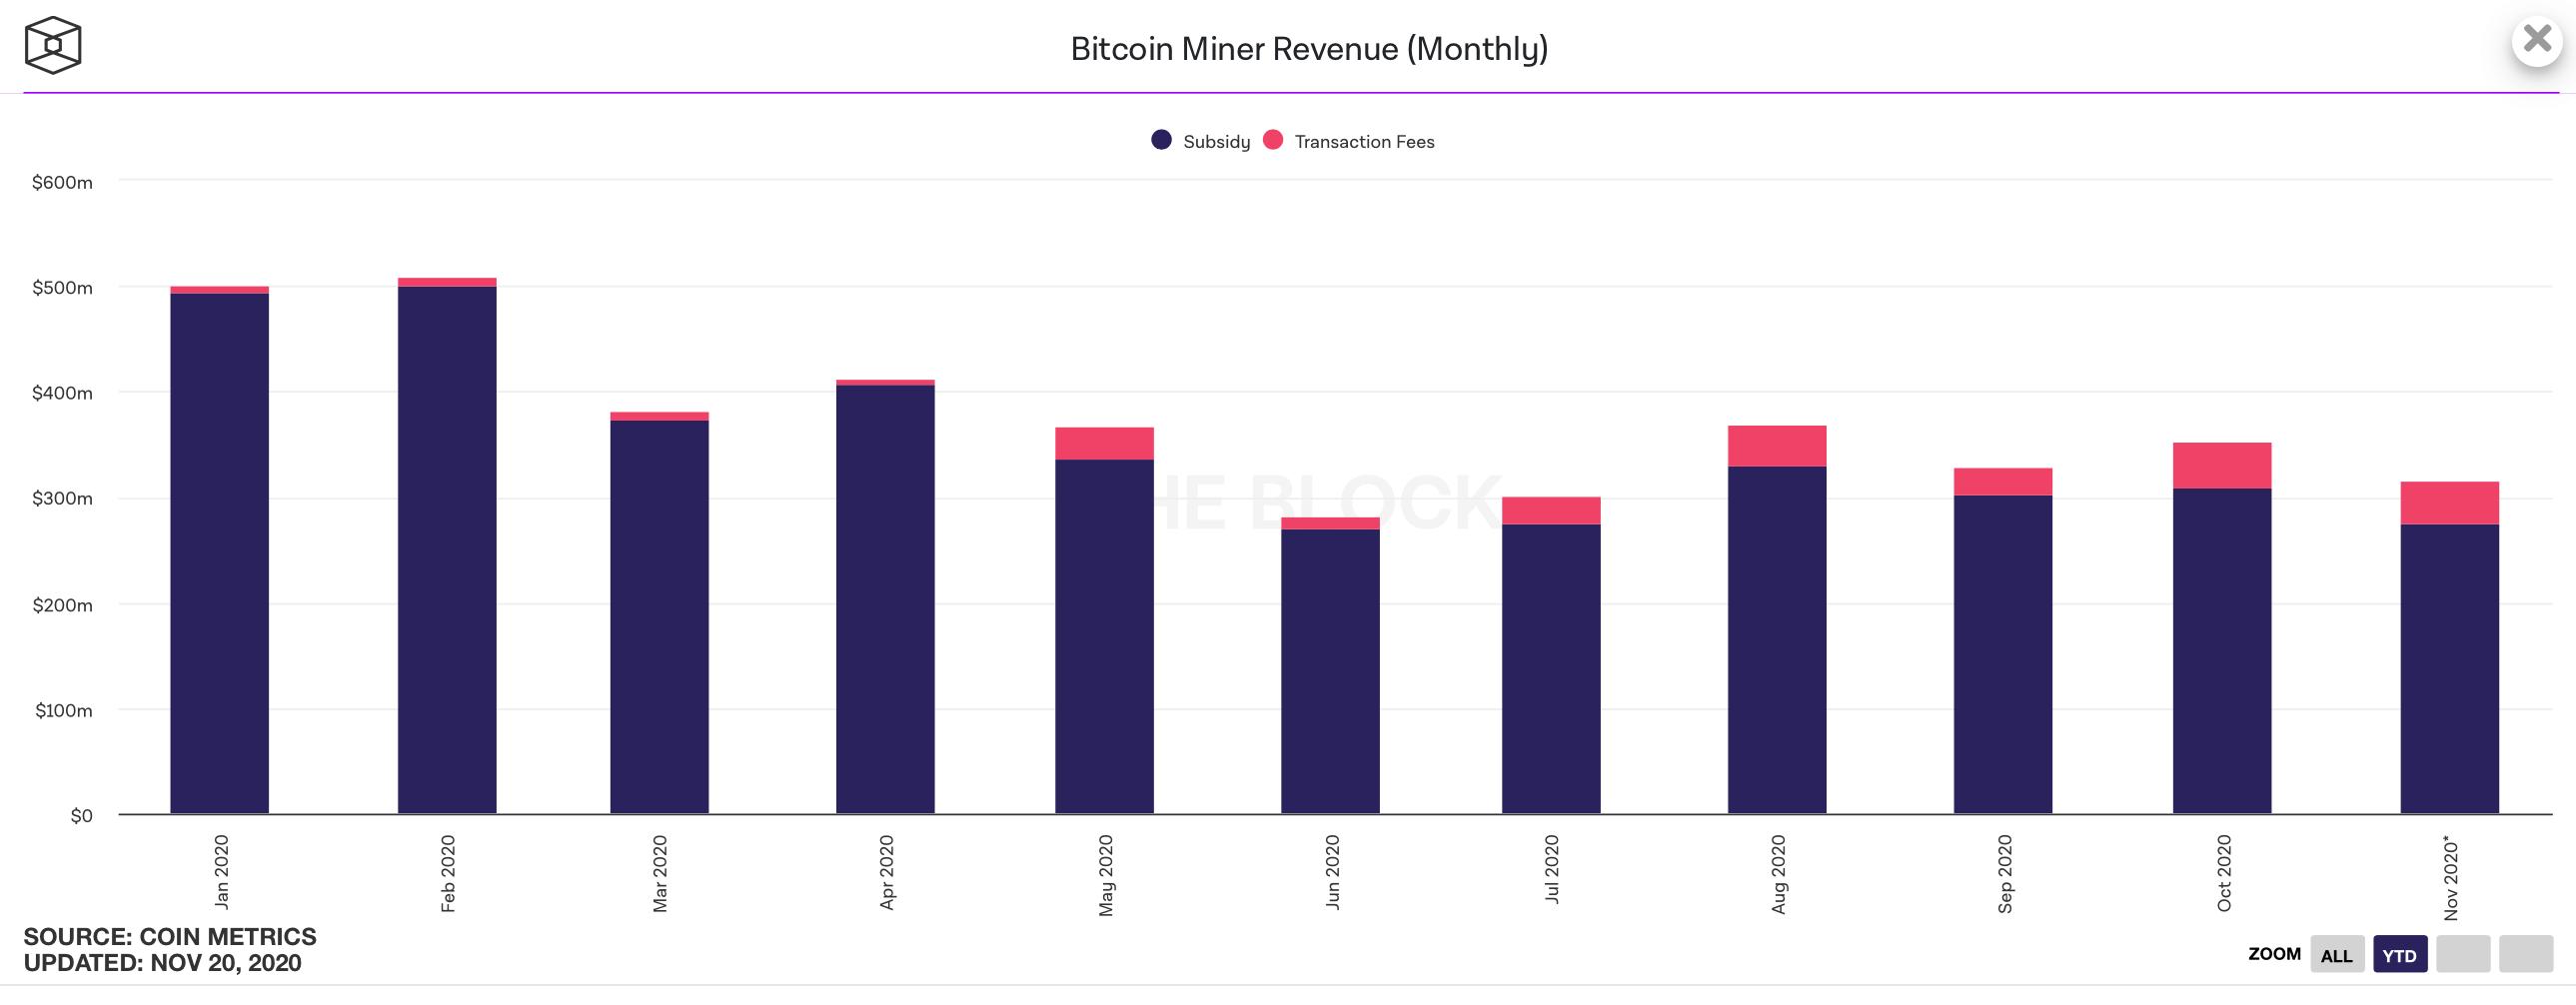 Доходы майнеров Биткоина по месяцам